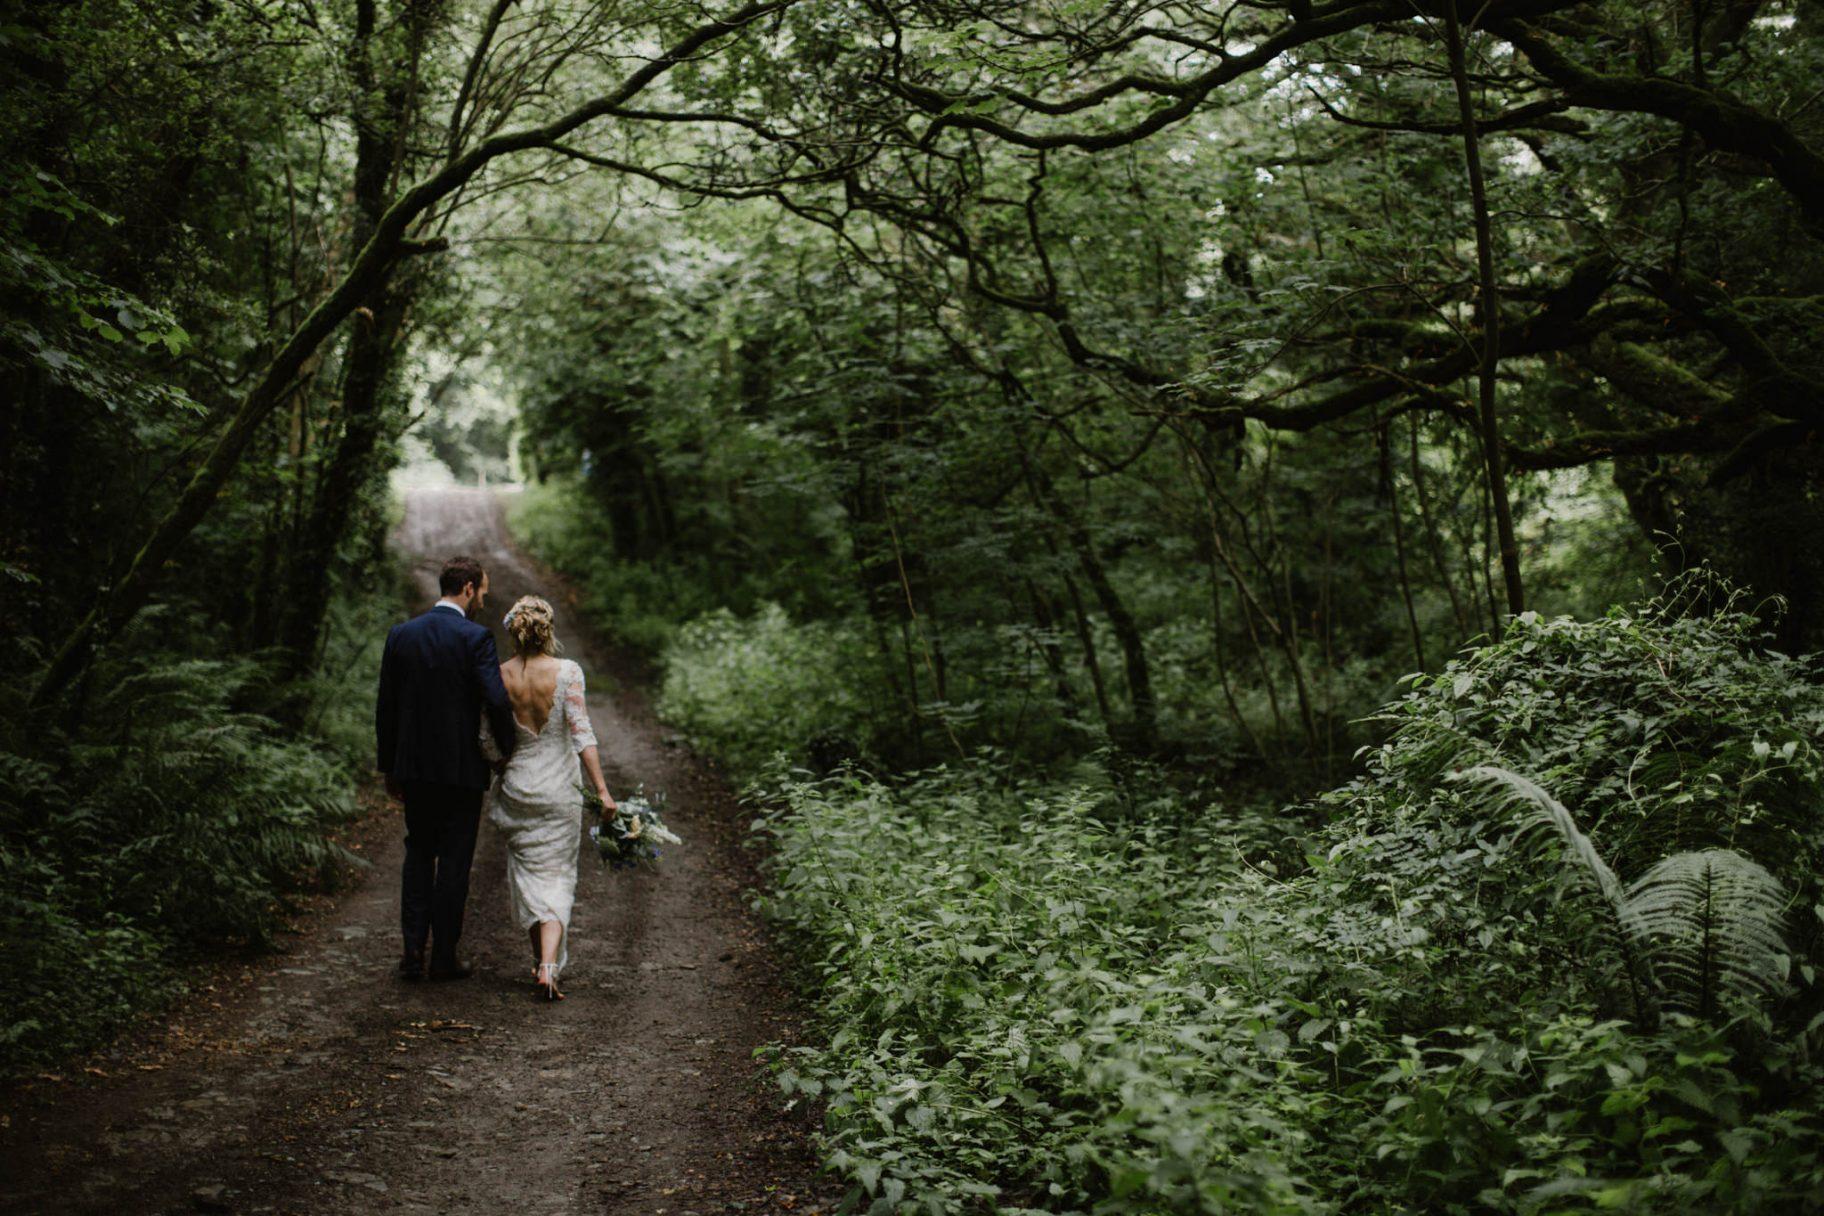 mary parker bath uk wedding photographer